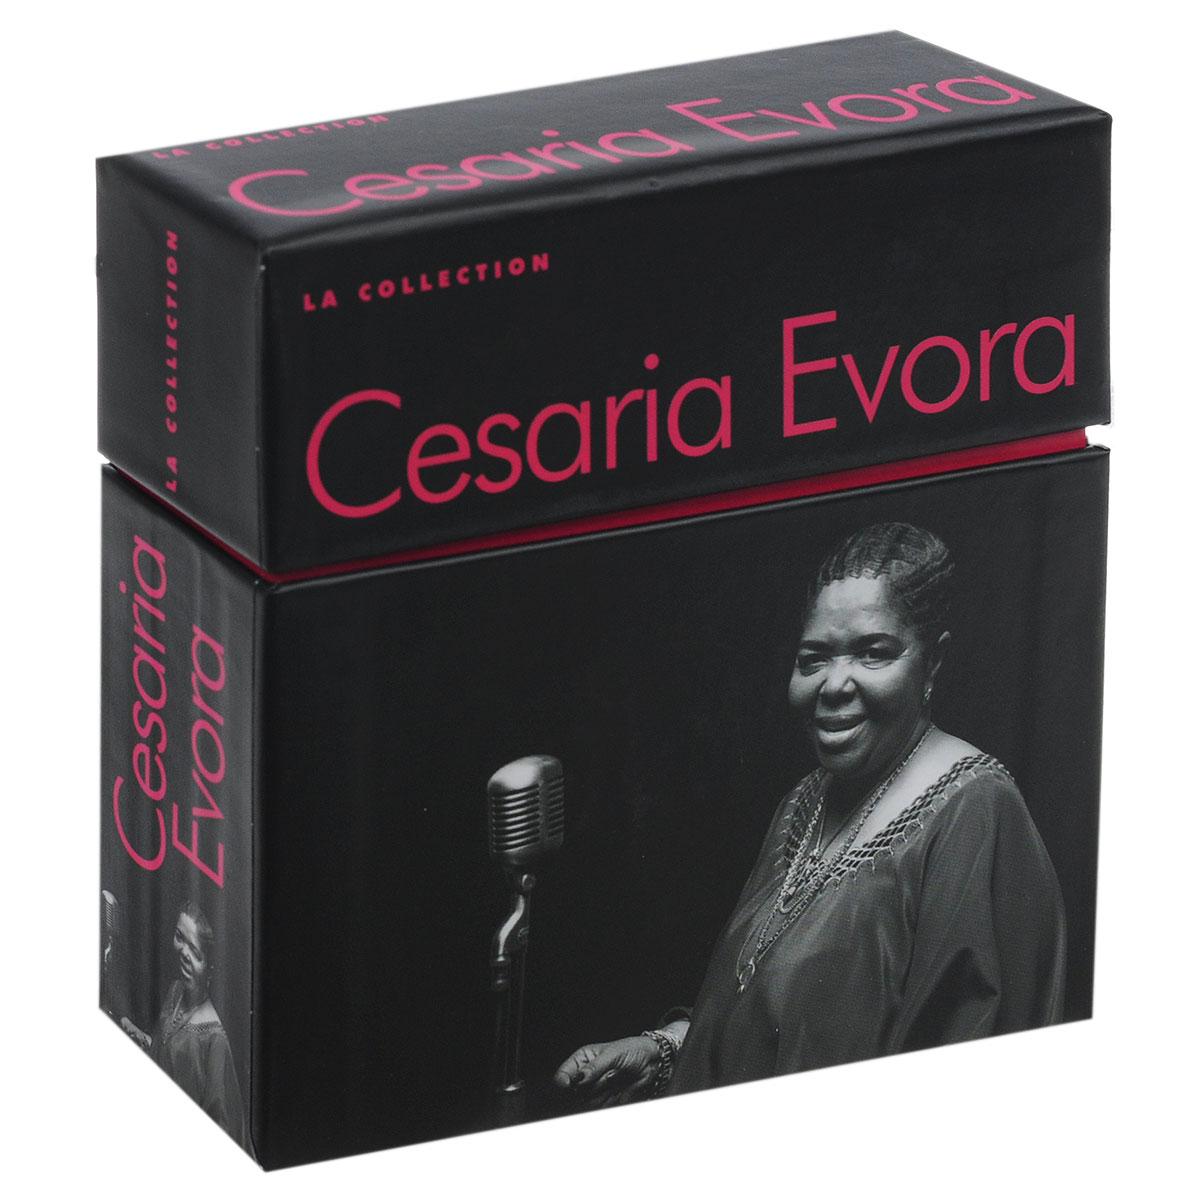 Сезария Эвора Cesaria Evora. La Сollection (6 CD + DVD) цена